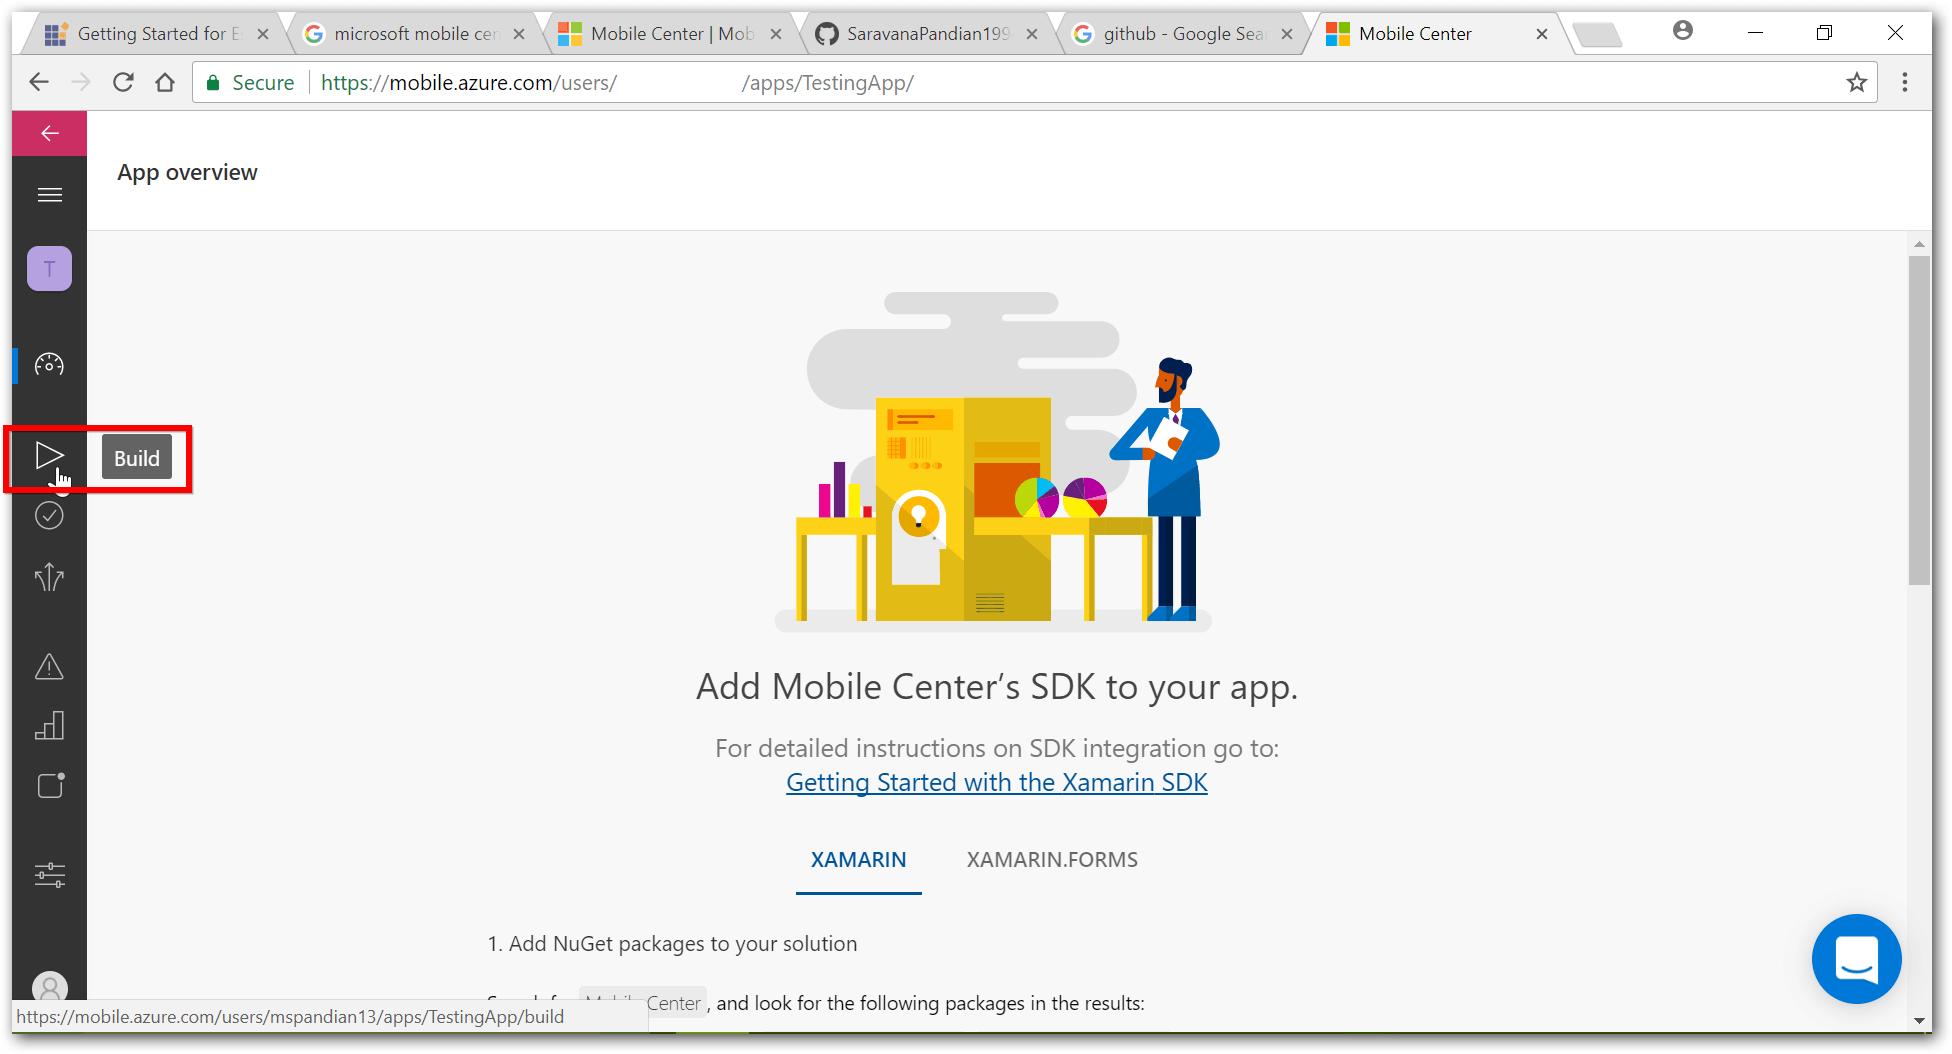 C:\Users\saravanapandian.muru\AppData\Local\Microsoft\Windows\INetCache\Content.Word\sshot-3.png